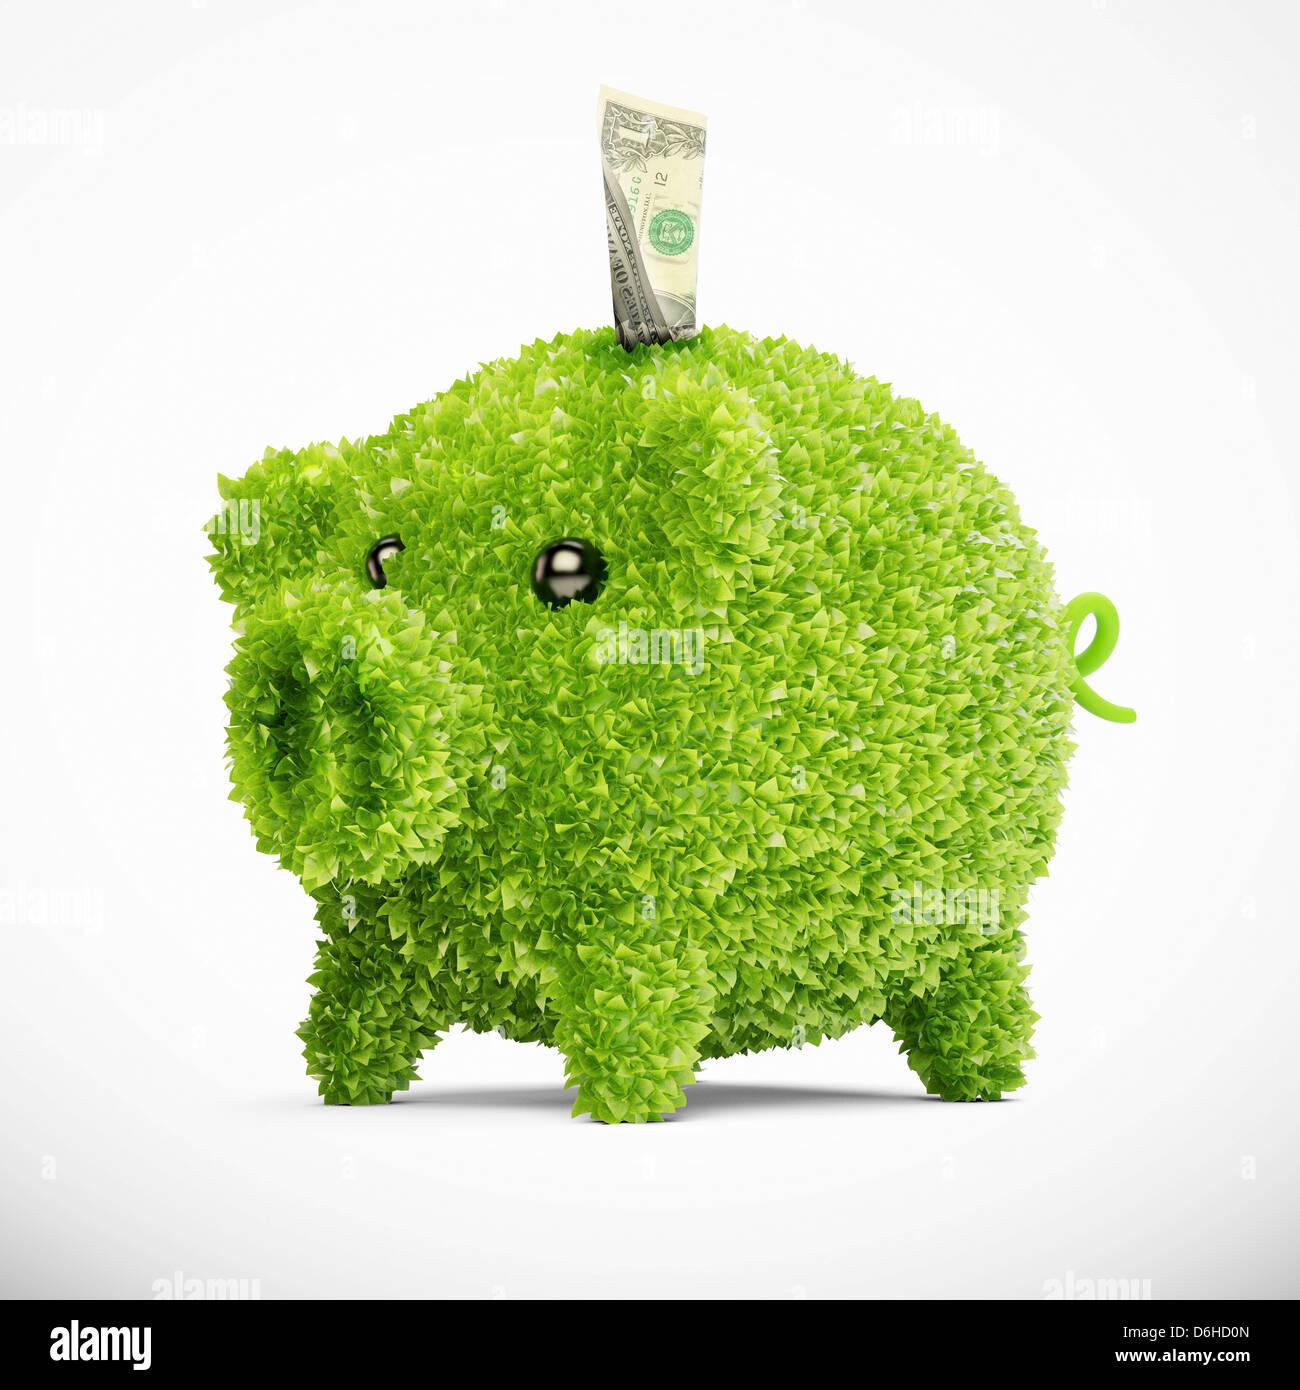 Gli investimenti verdi, opere d'arte concettuale Immagini Stock